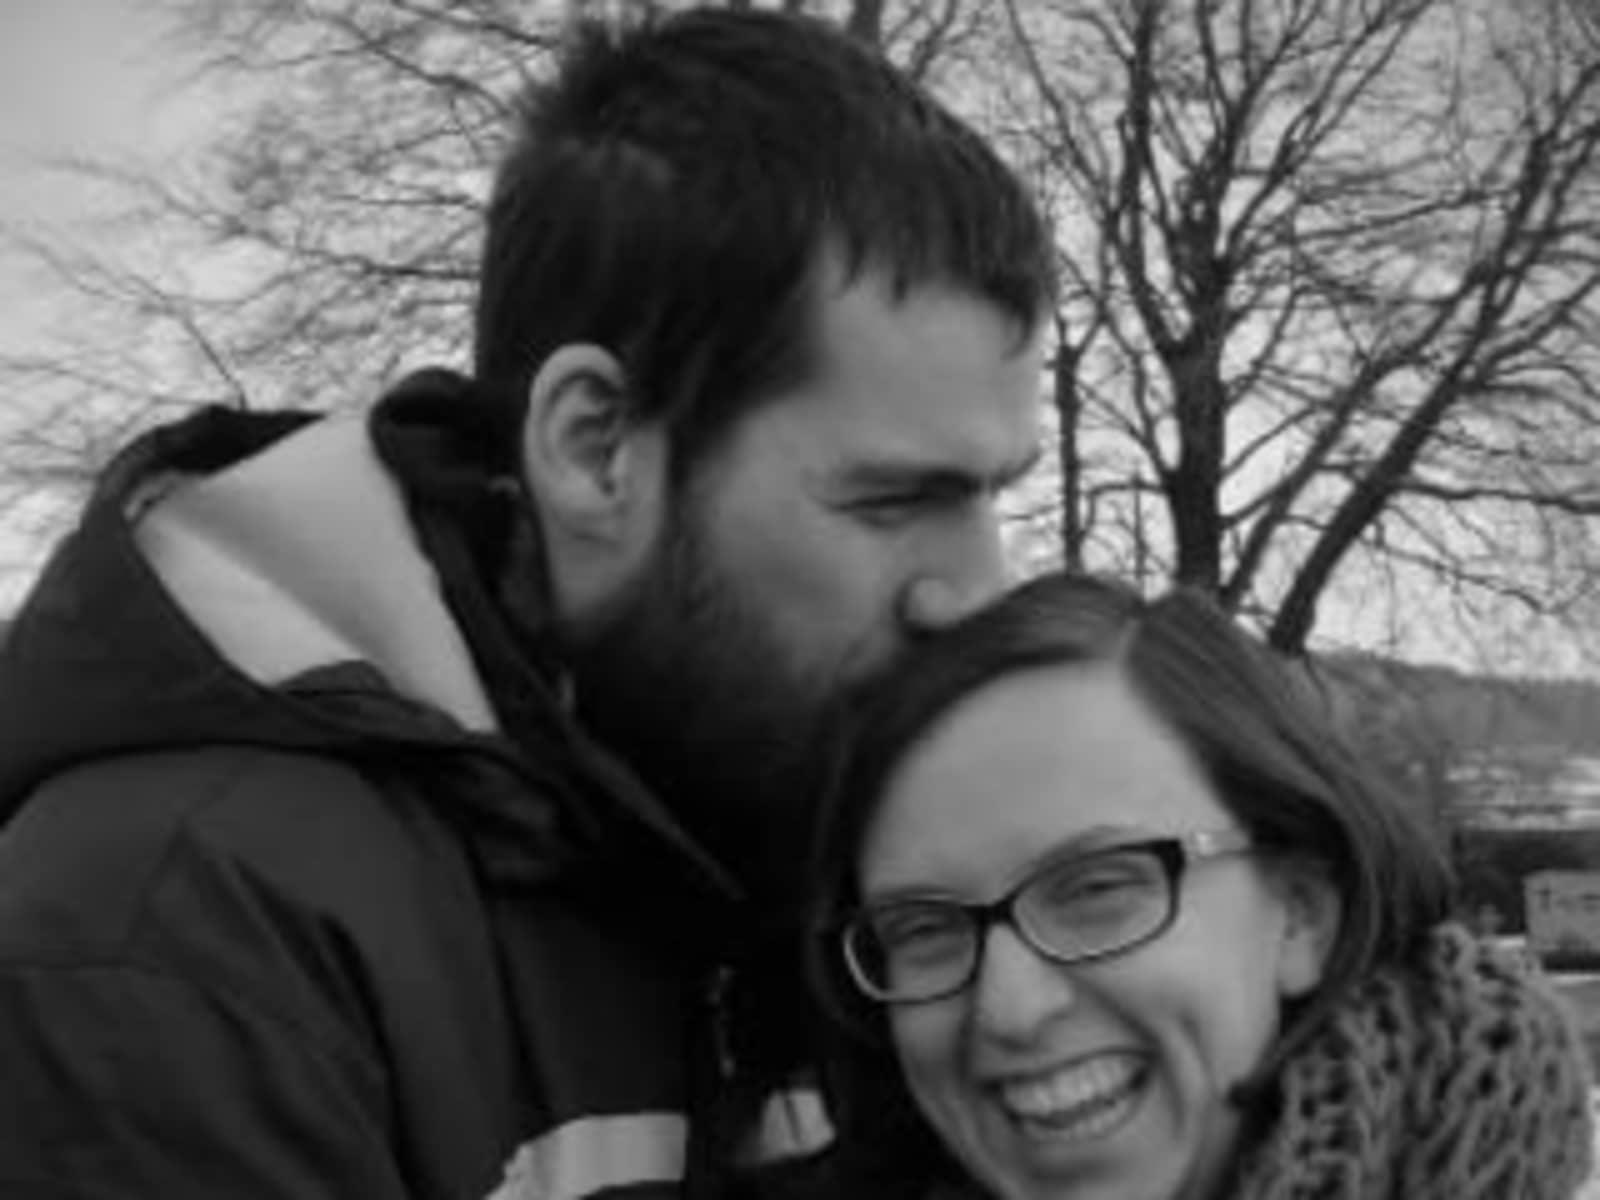 Eline & Jonathan from Marche-en-Famenne, Belgium